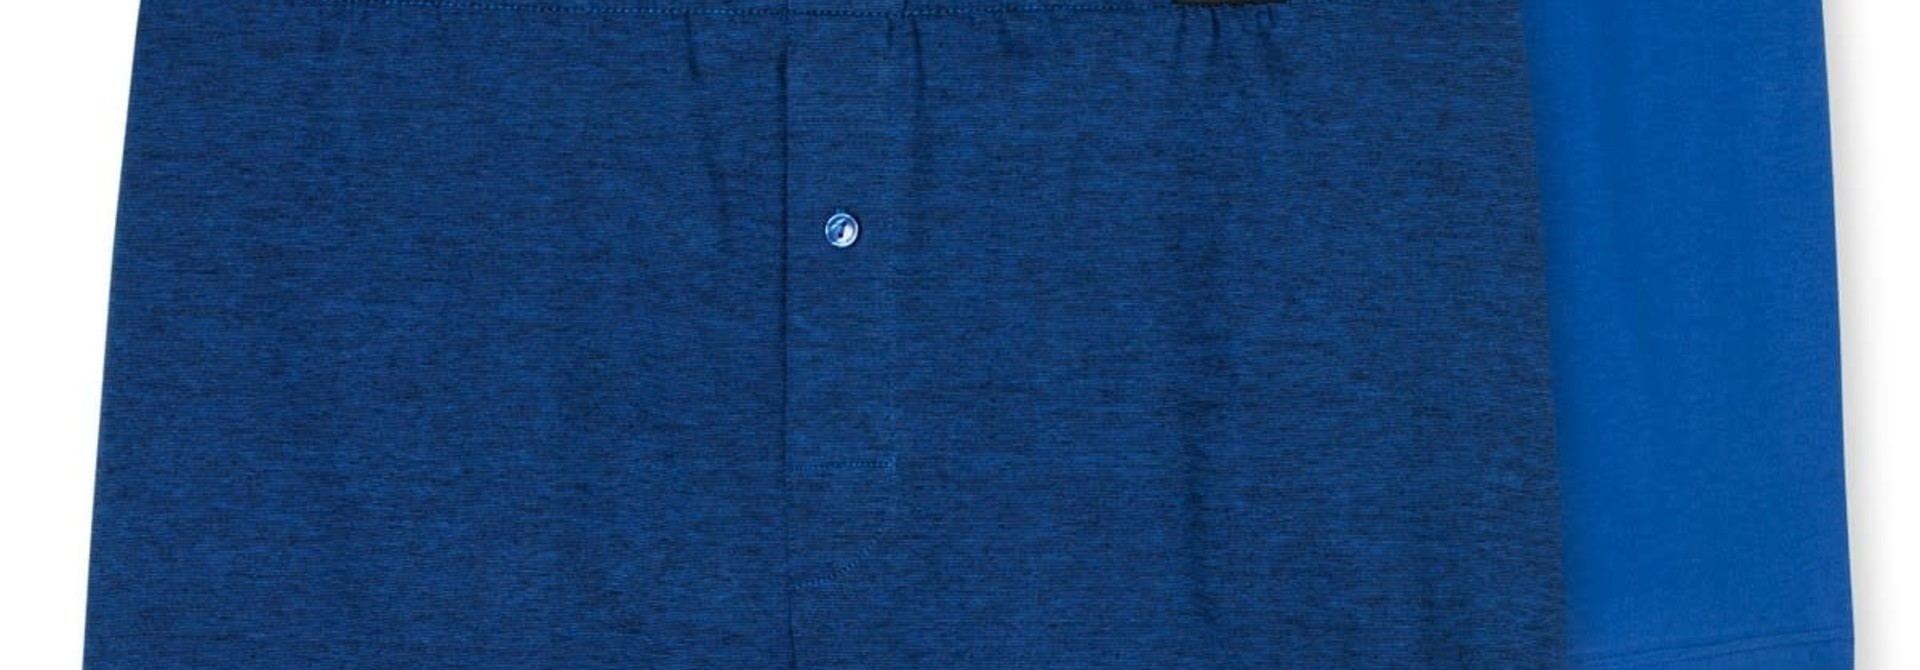 Boxershort 2-Pack 168446 - blauw